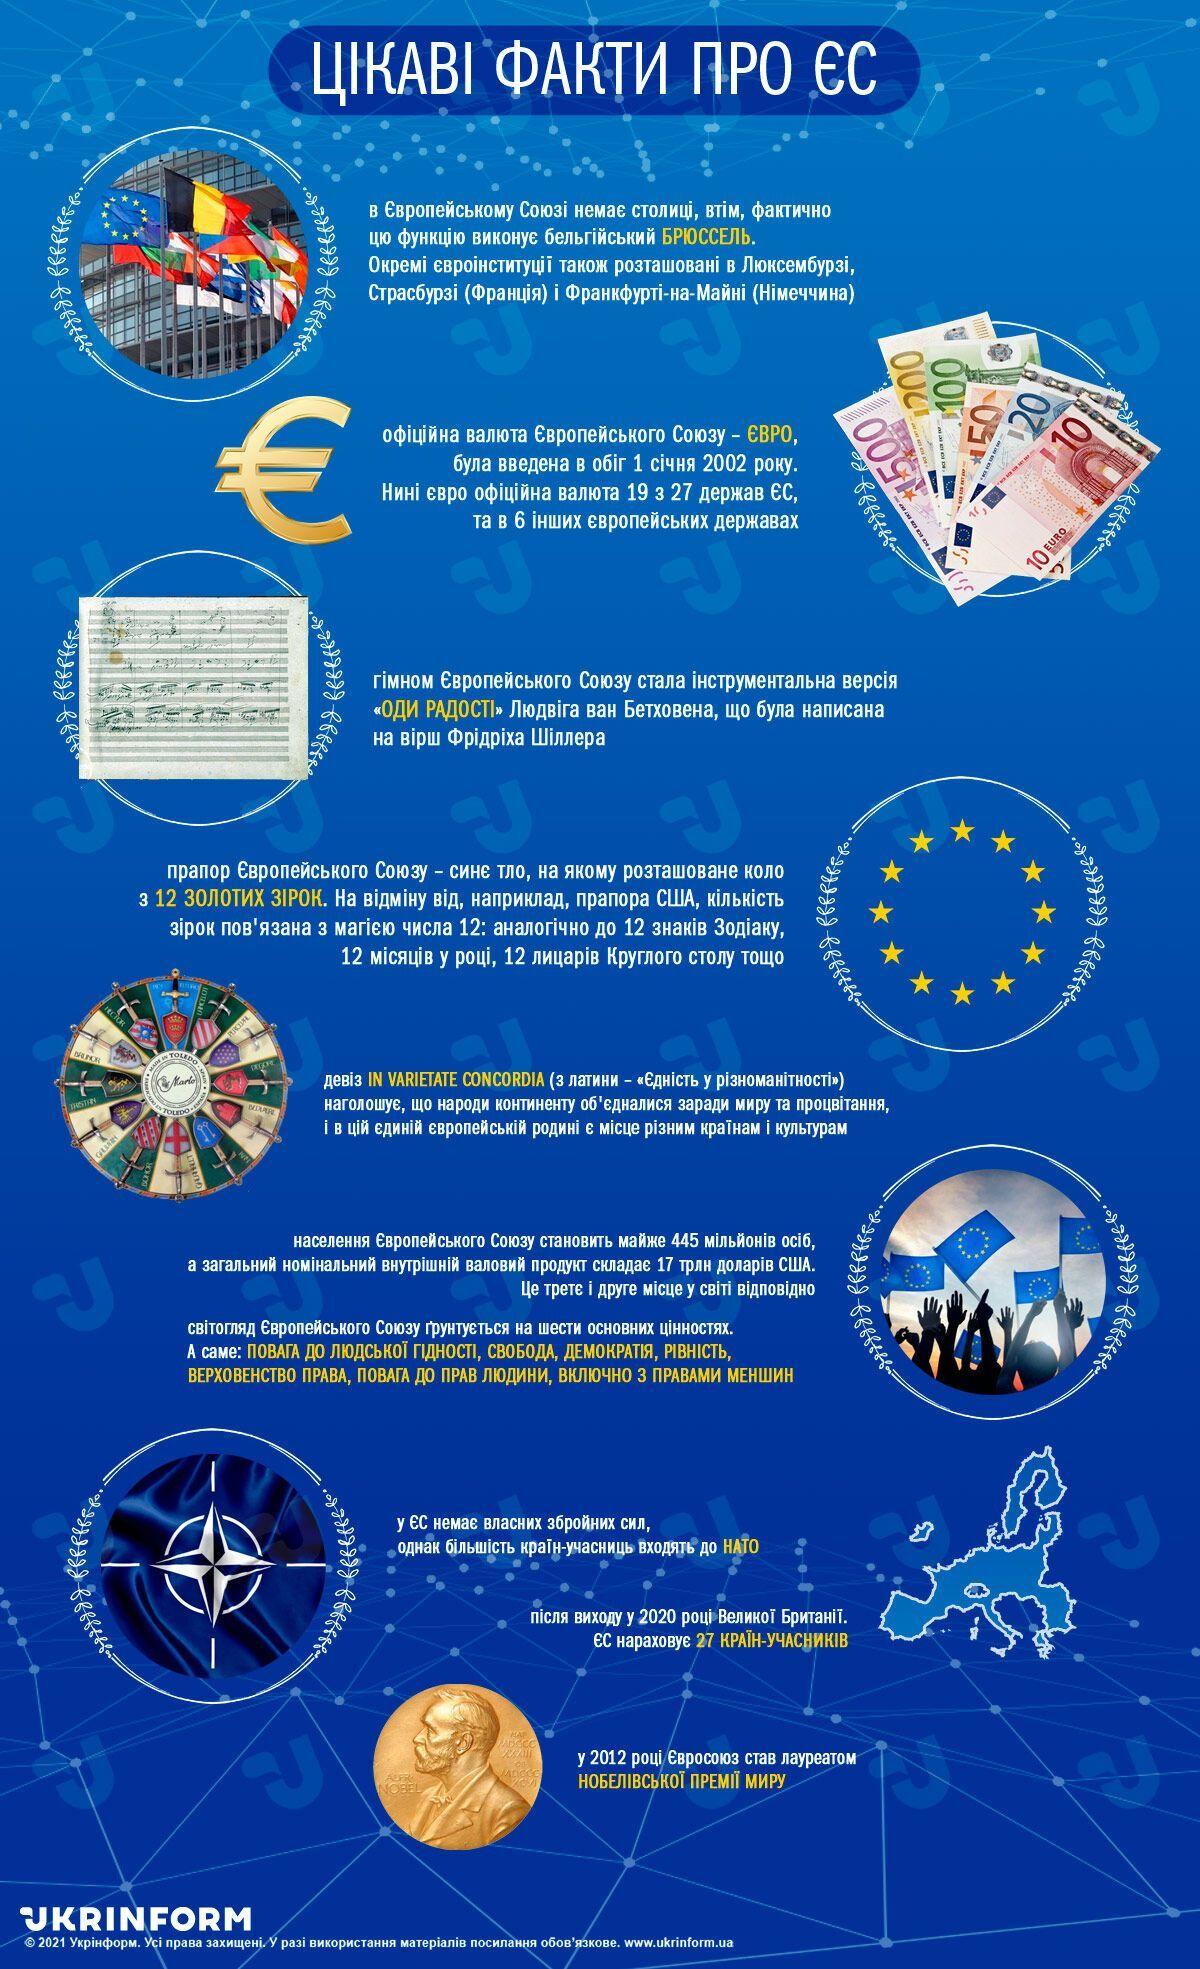 Взаимоотношения Украины и ЕС были начаты в декабре 1991 года